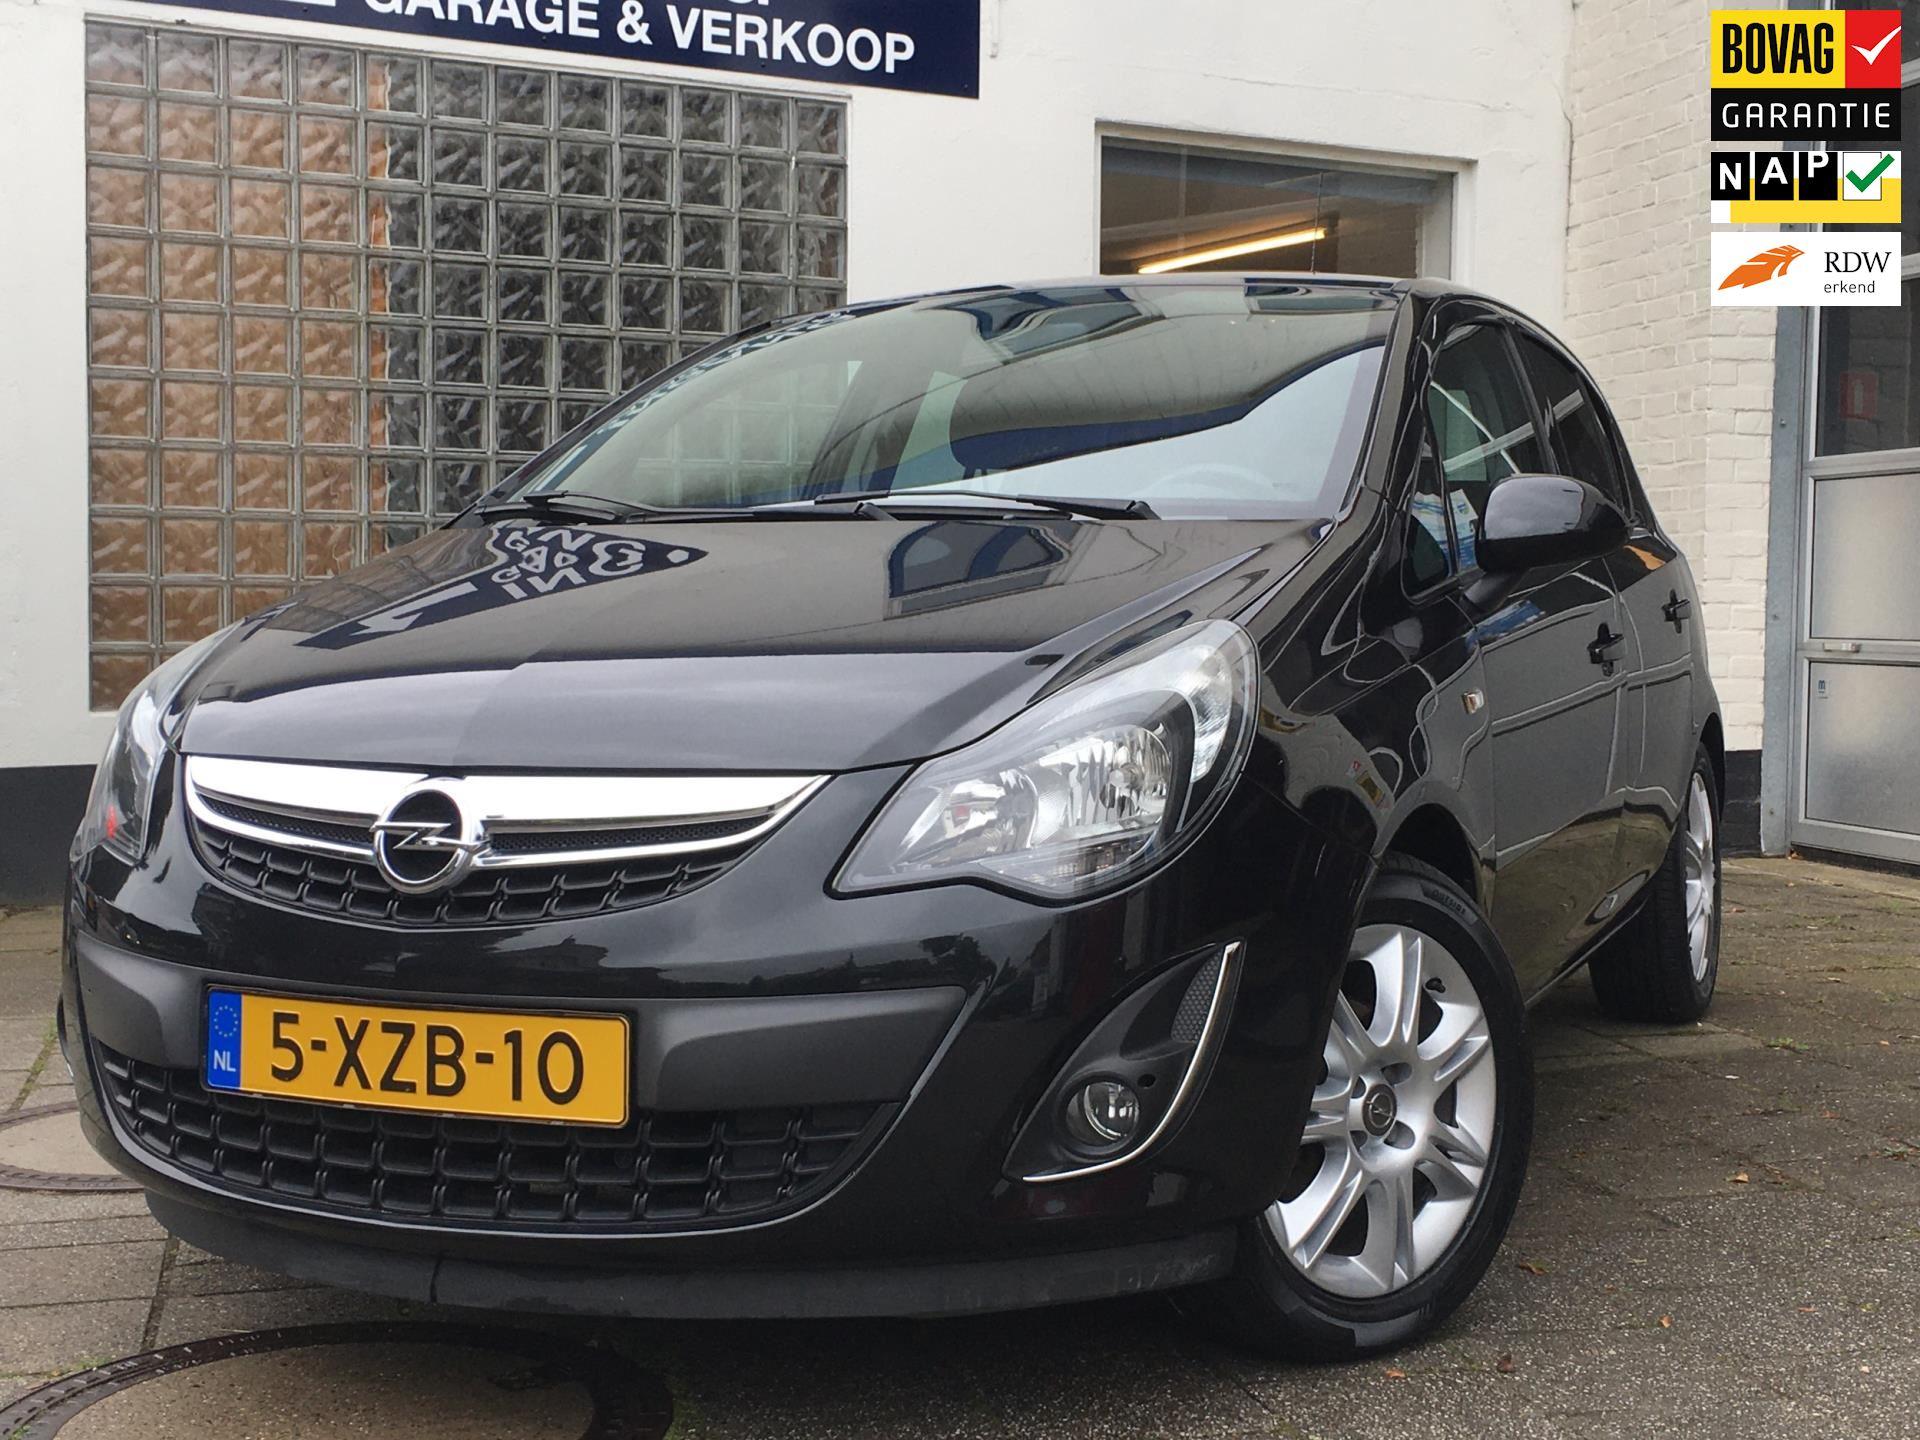 Opel Corsa occasion - Autobedrijf Bertus Foppen